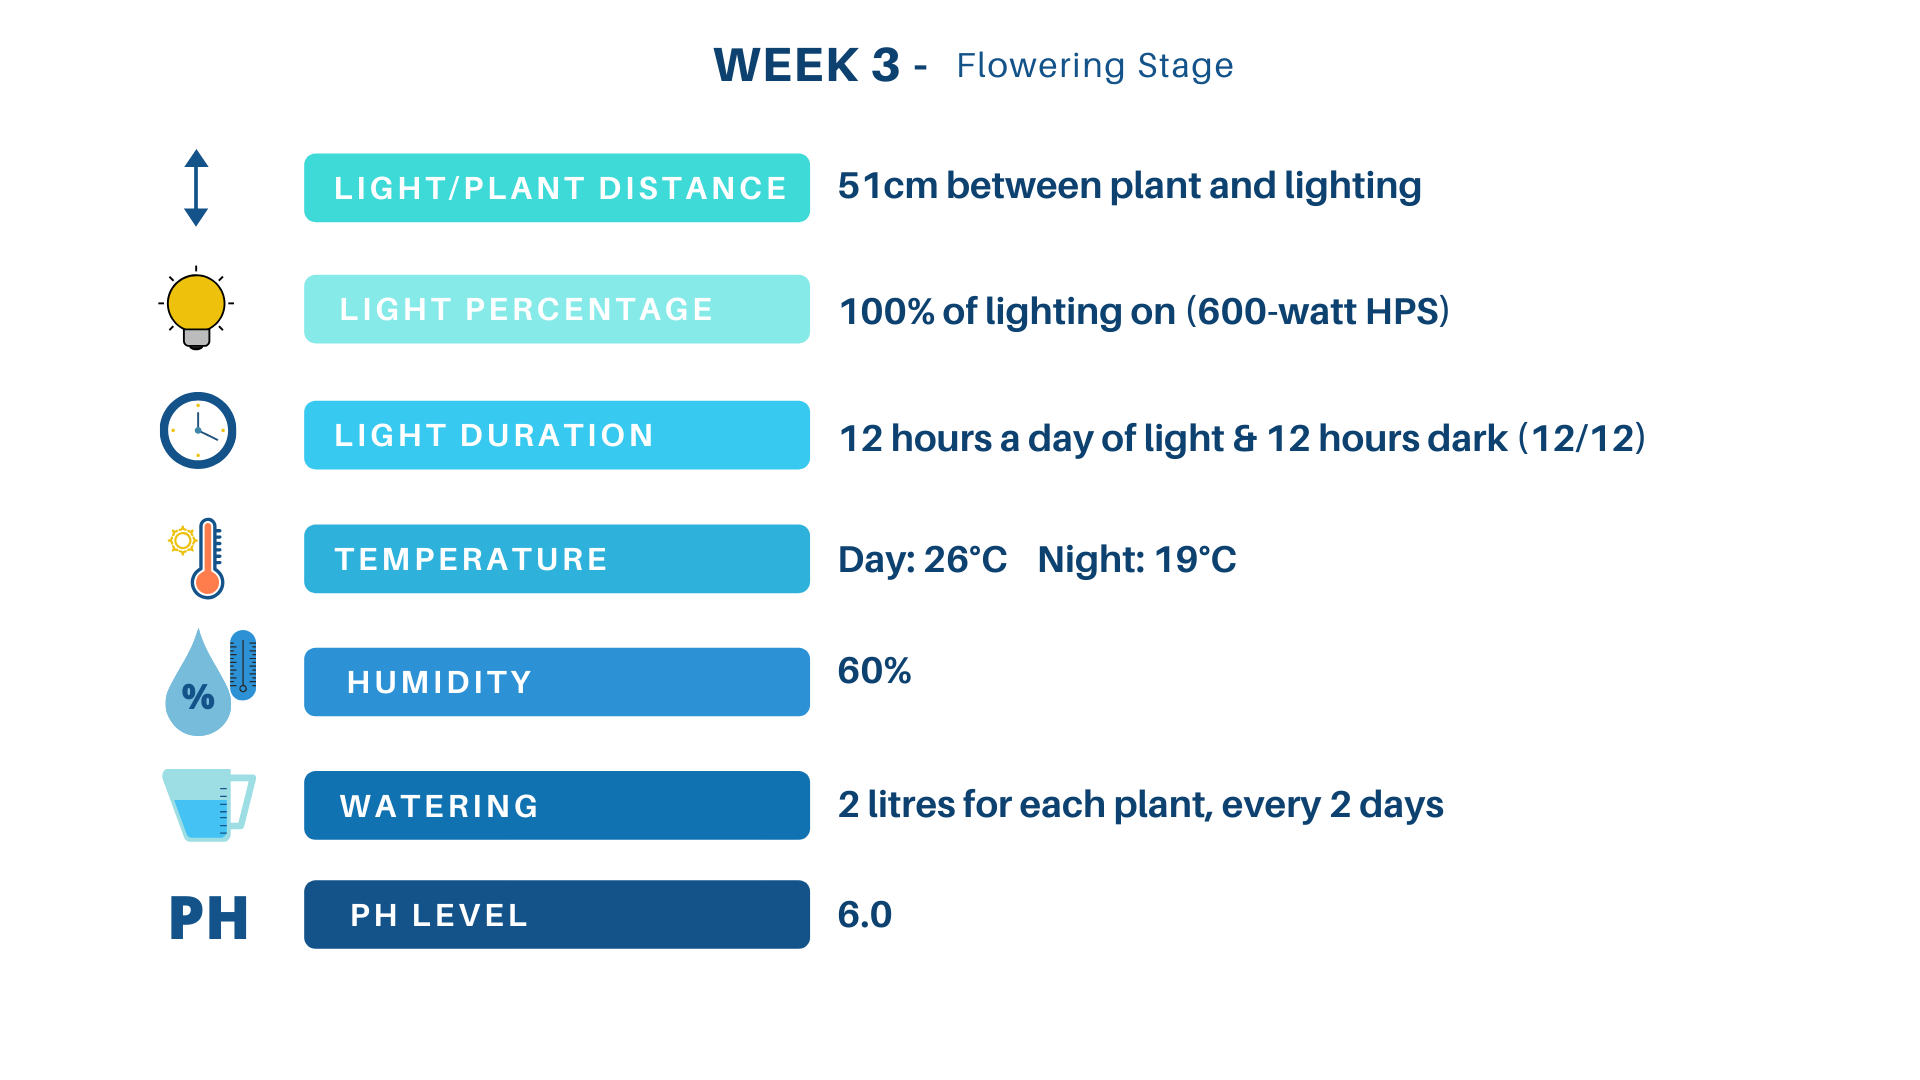 Grow schedule week 3 flowering stage